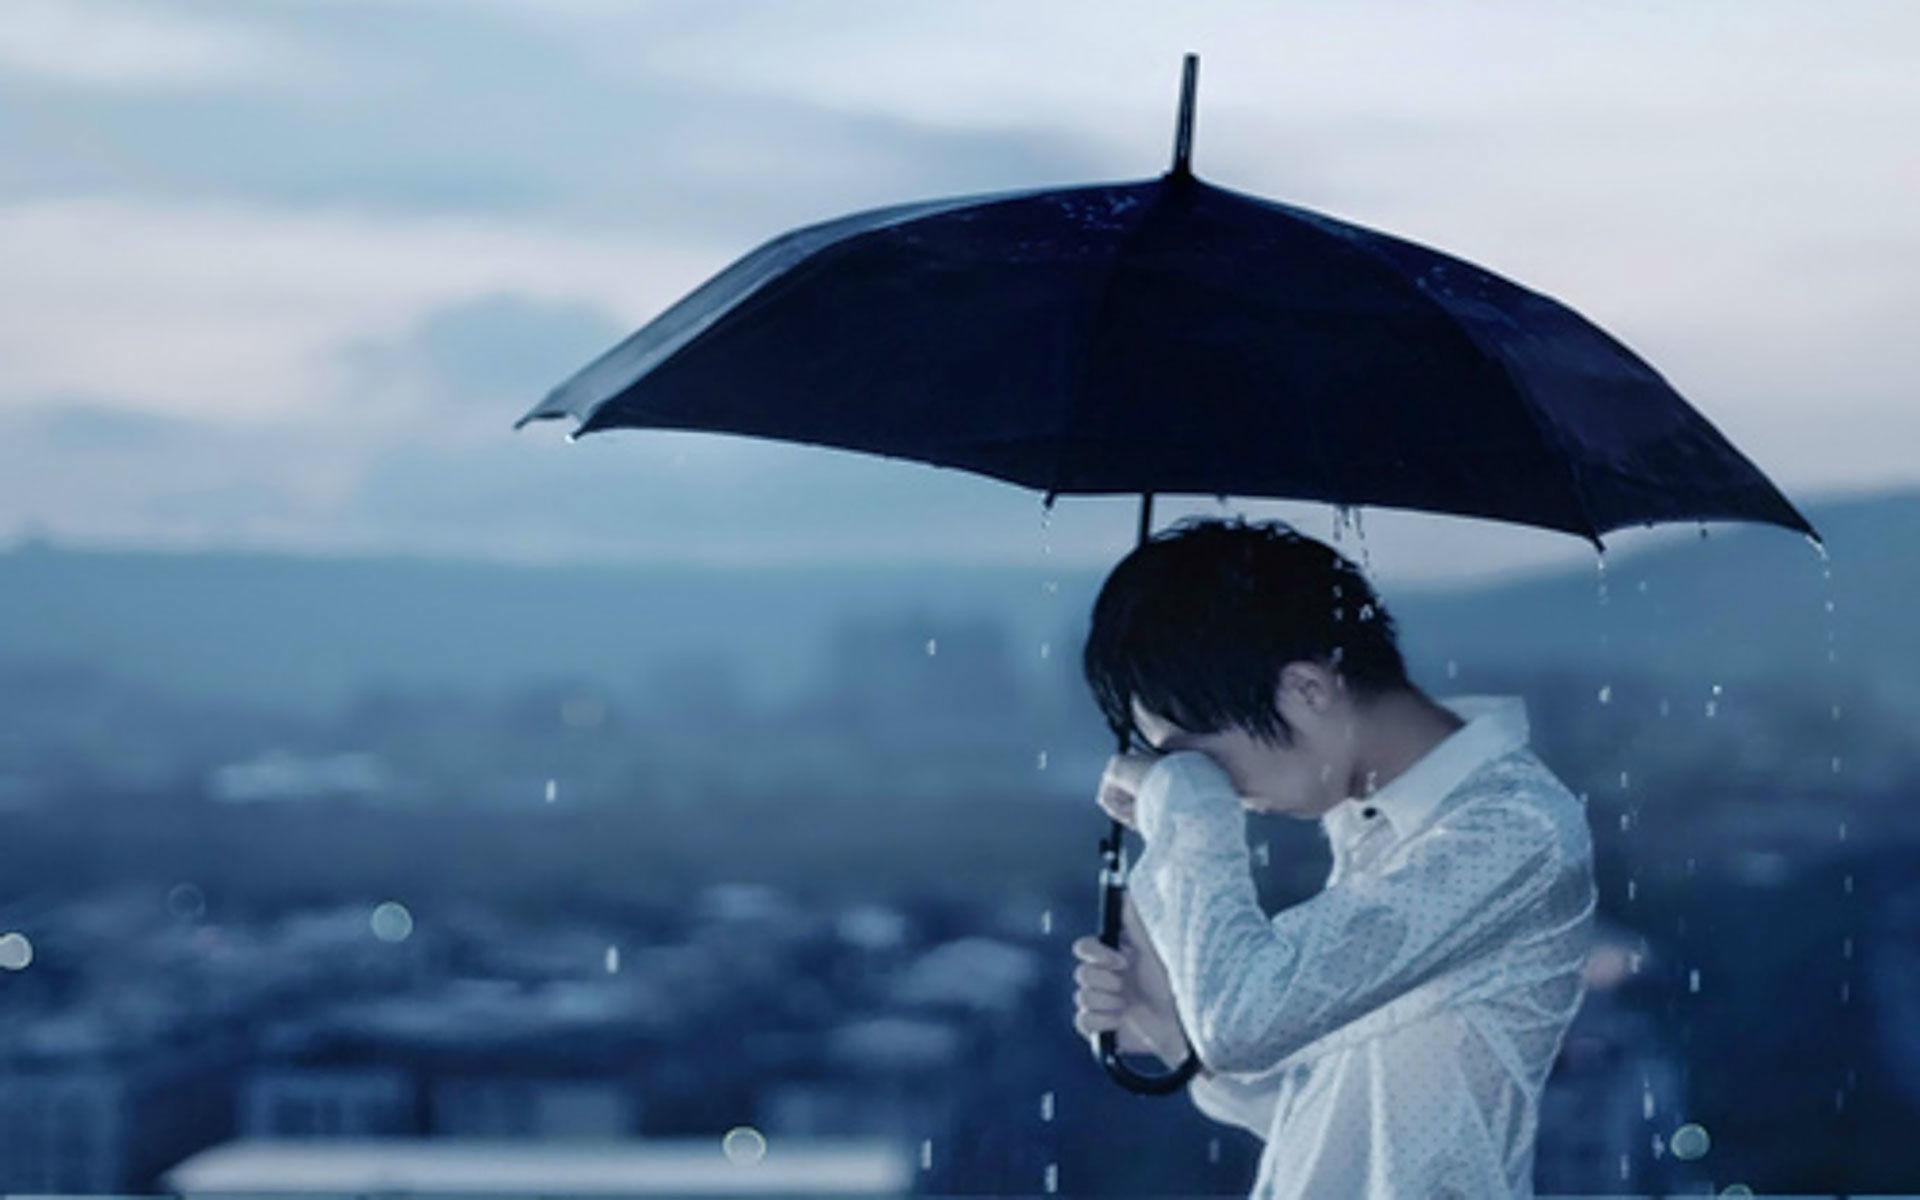 alone wallpaper,umbrella,sky,rain,cloud,fashion accessory